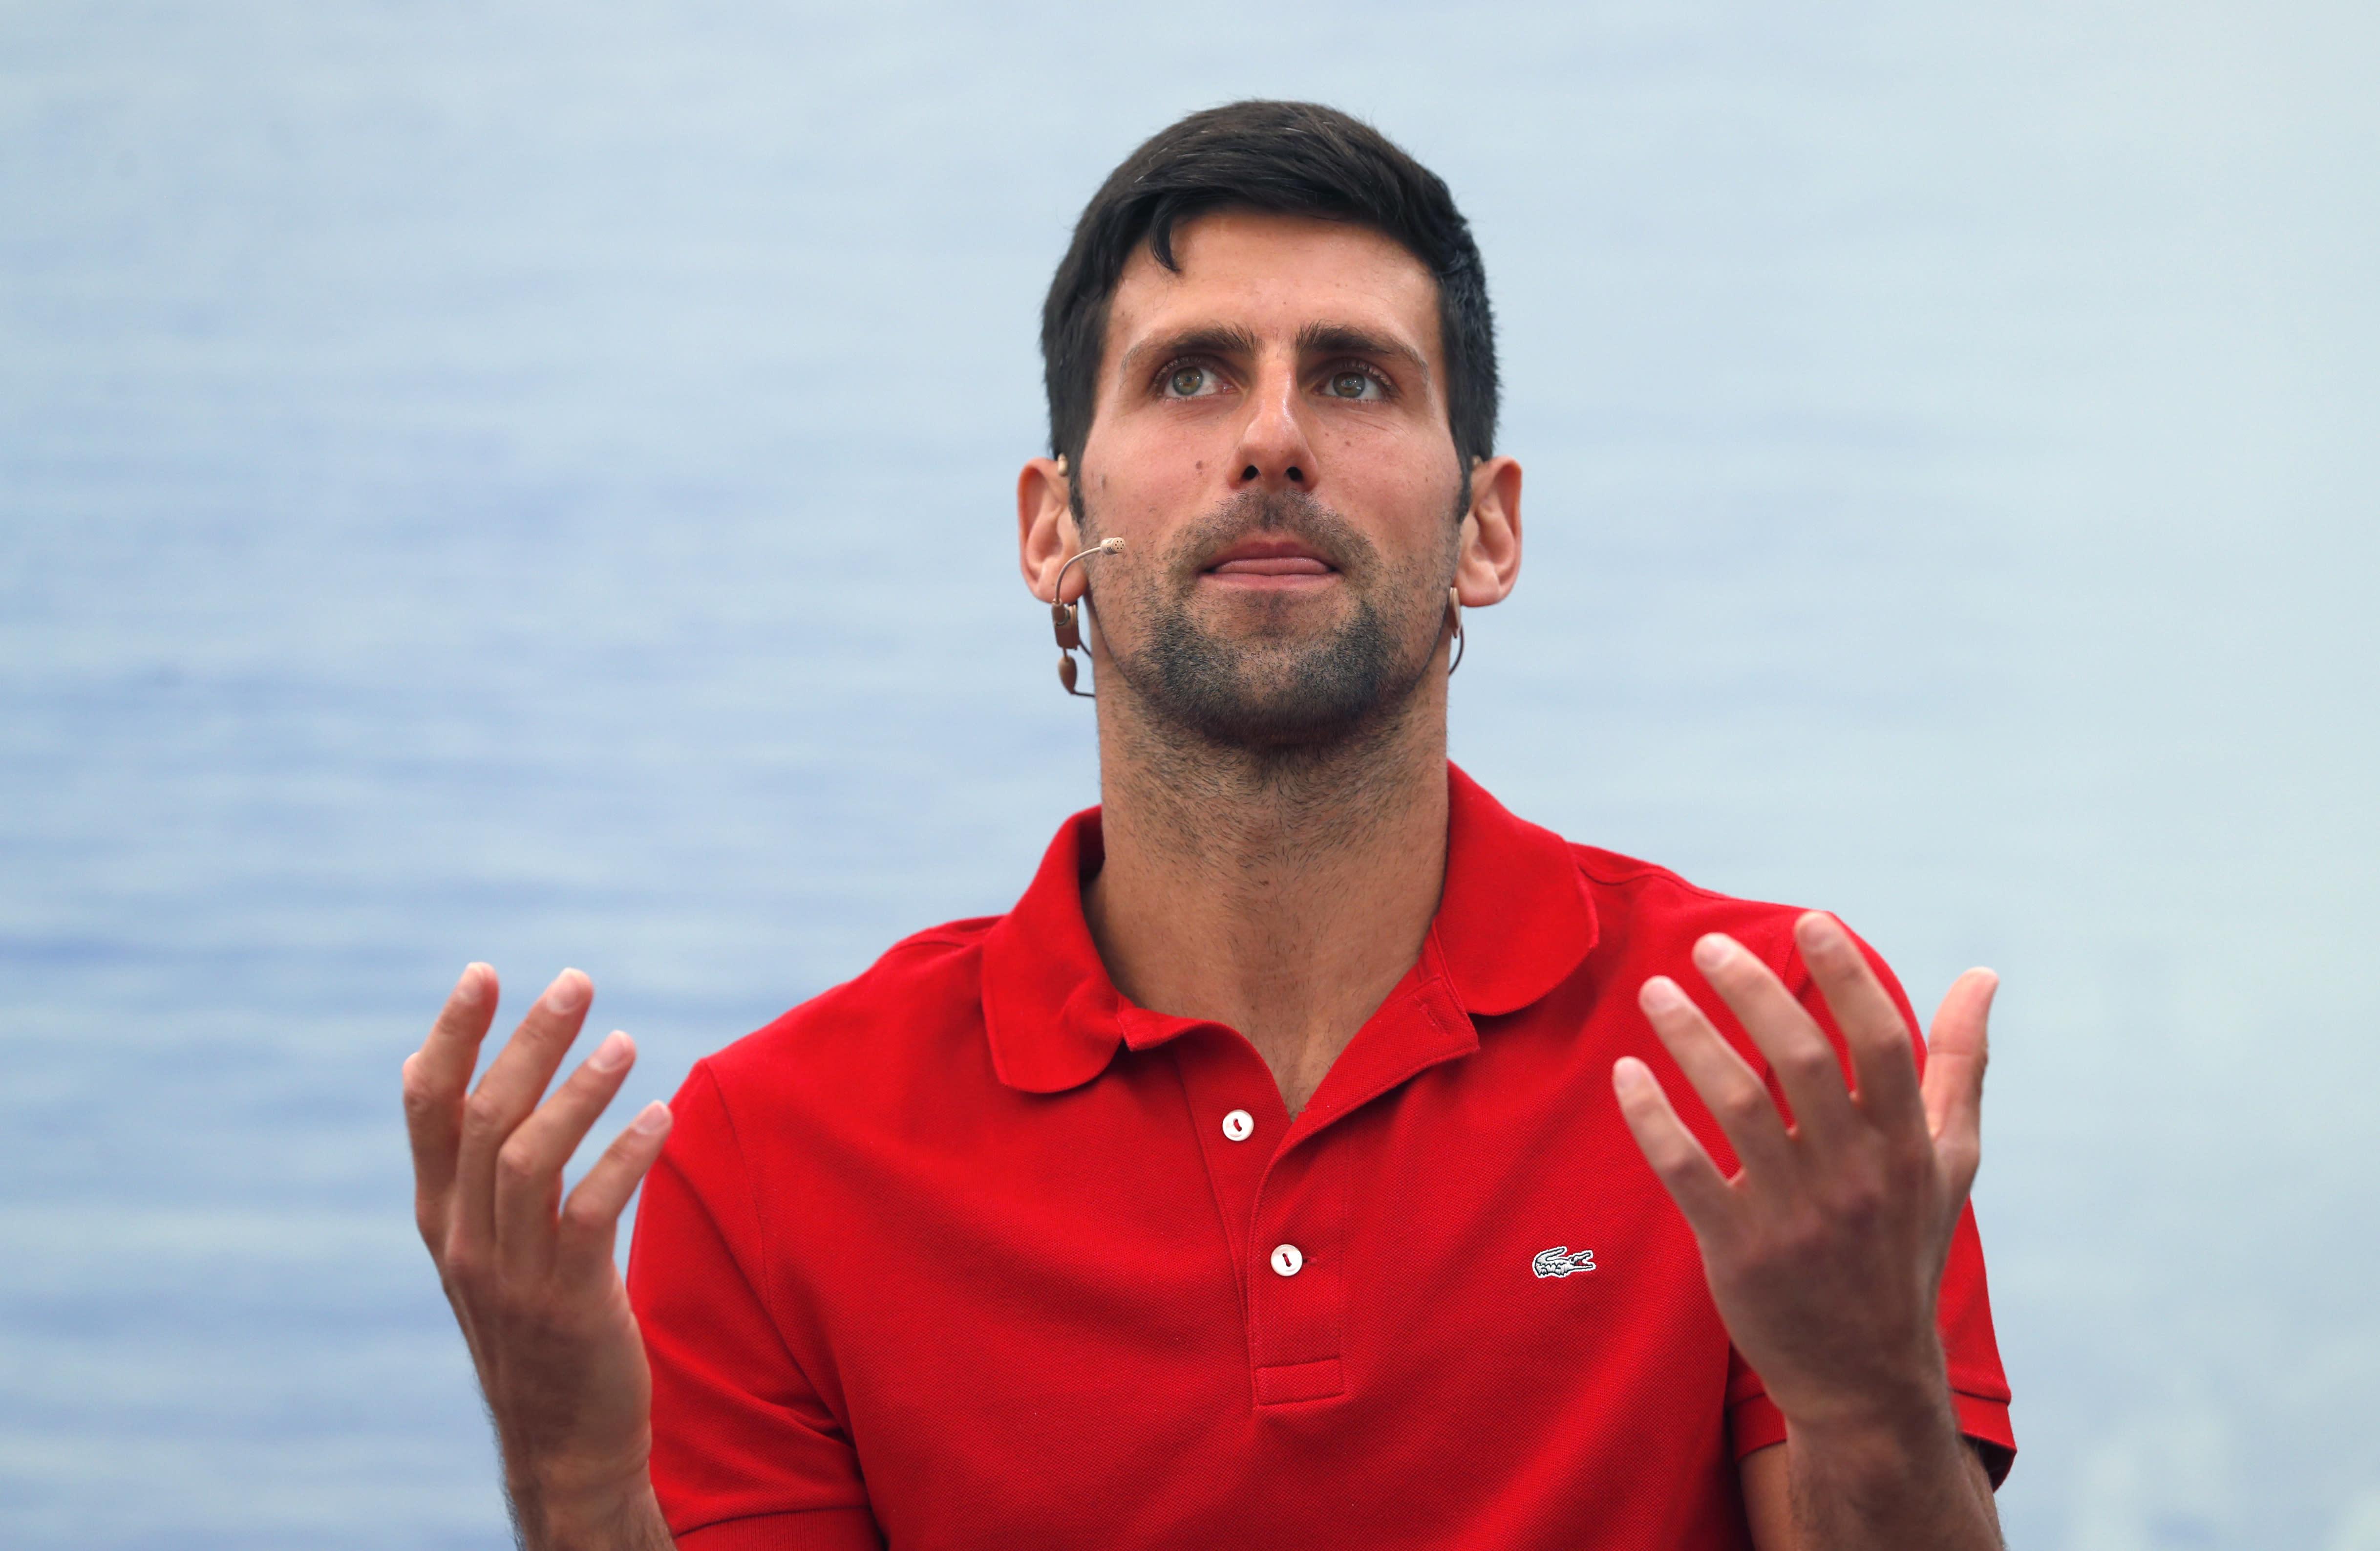 【運動專欄/費恩斯】Novak Djokovic表演賽確診 道歉無法挽回遺憾